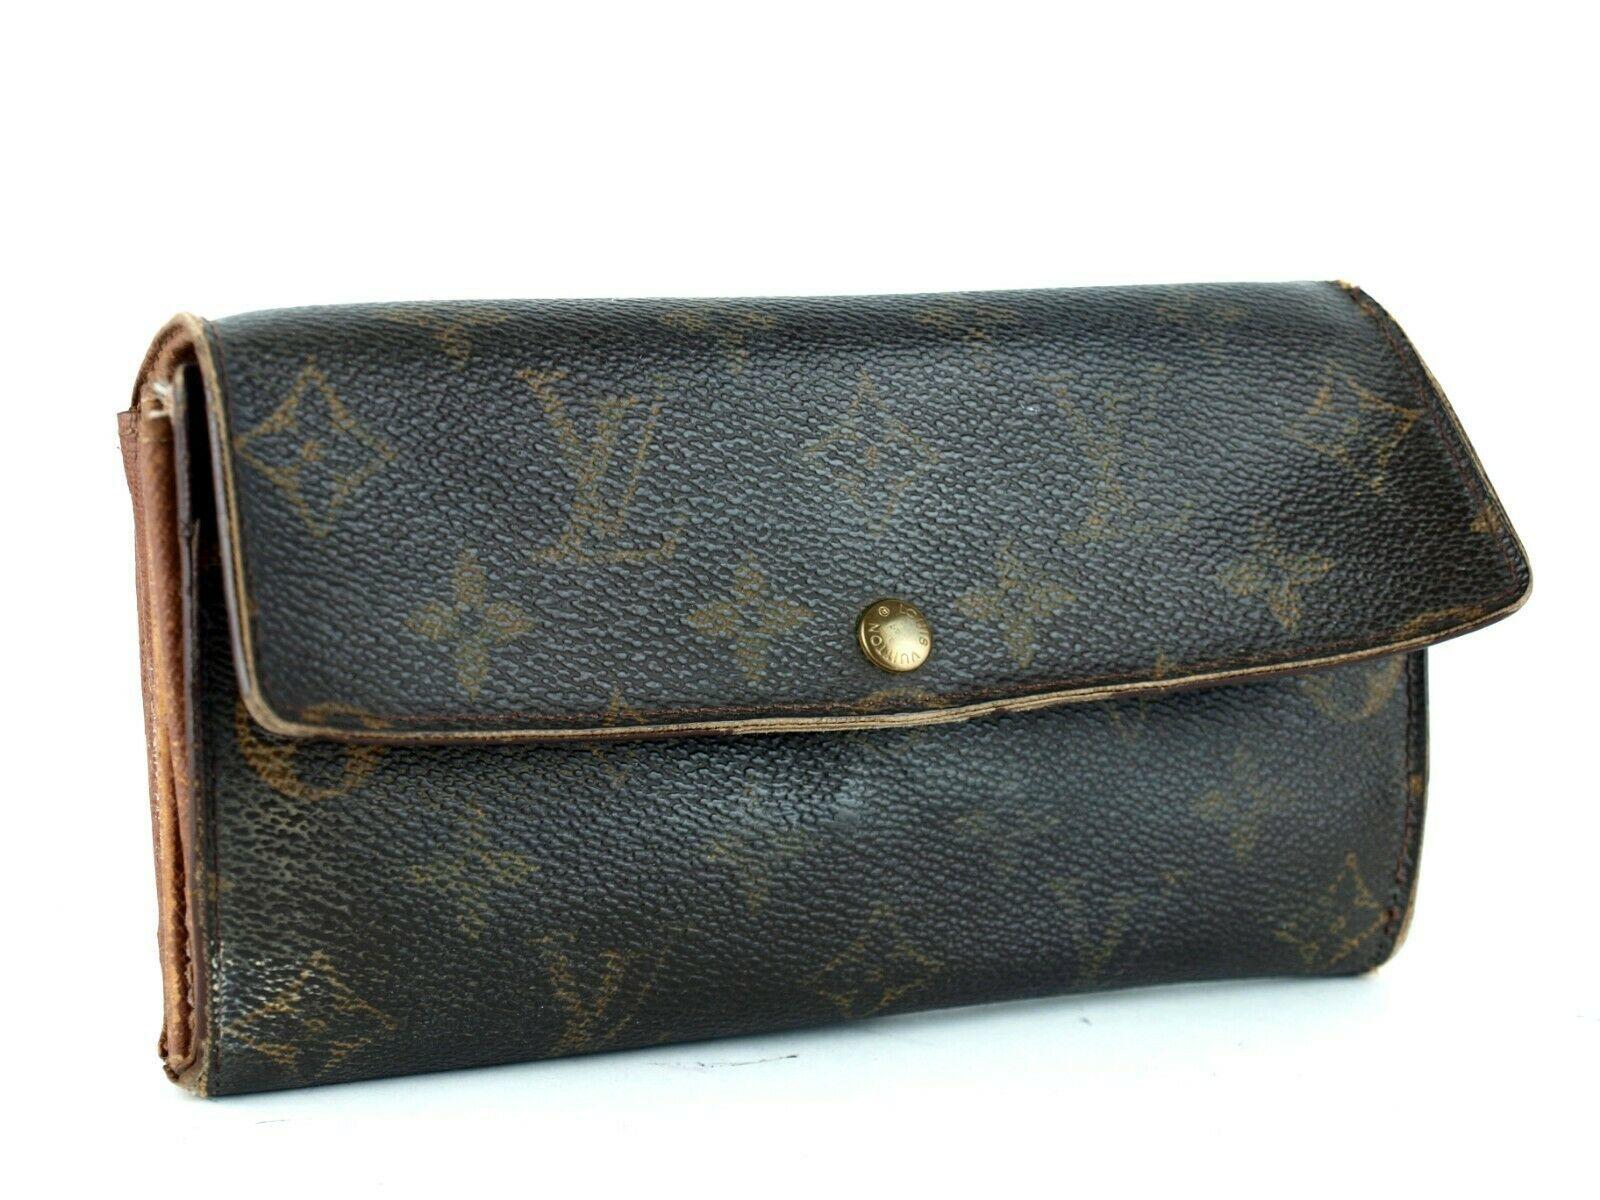 Auth LOUIS VUITTON Monogram Canvas & Leather Bifold Envelope Long Wallet Purse - $98.01